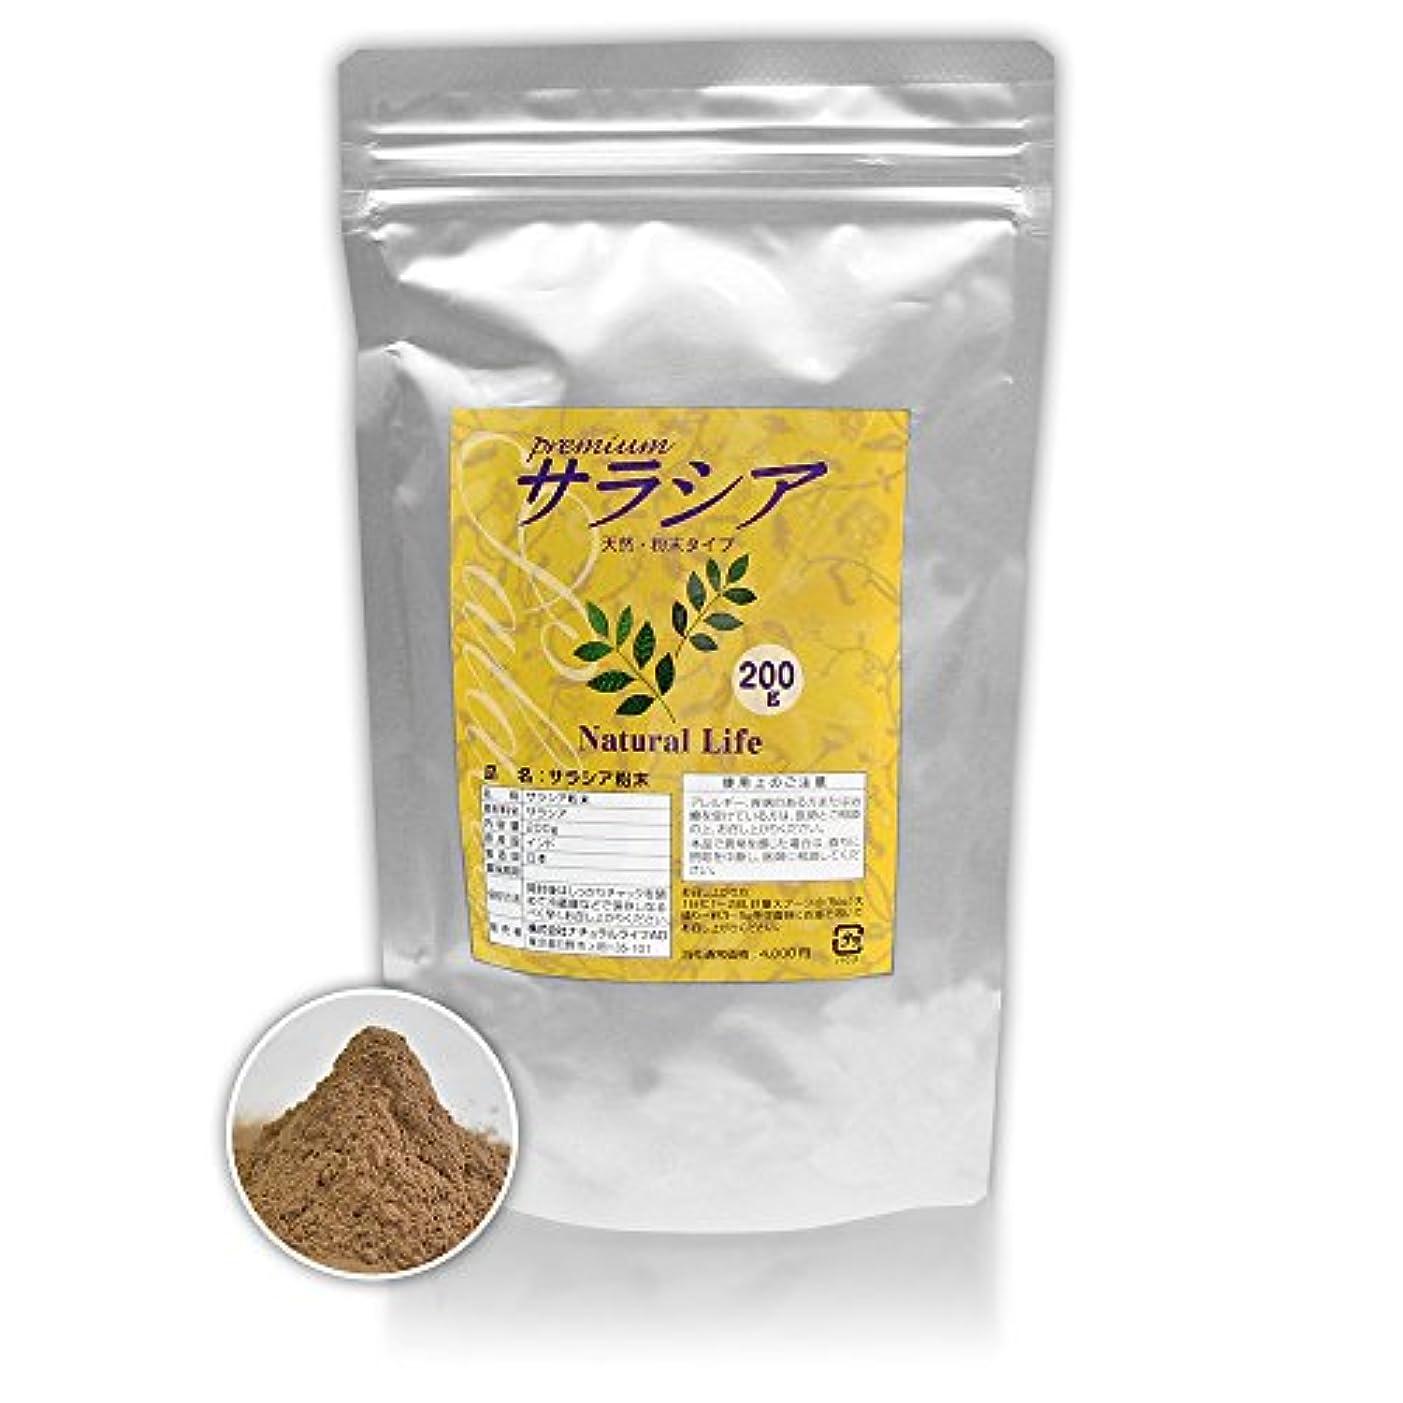 ヒゲクジラ楕円形達成するサラシア粉末[200g]天然ピュア原料(無添加)健康食品(さらしあ,レティキュラータ)